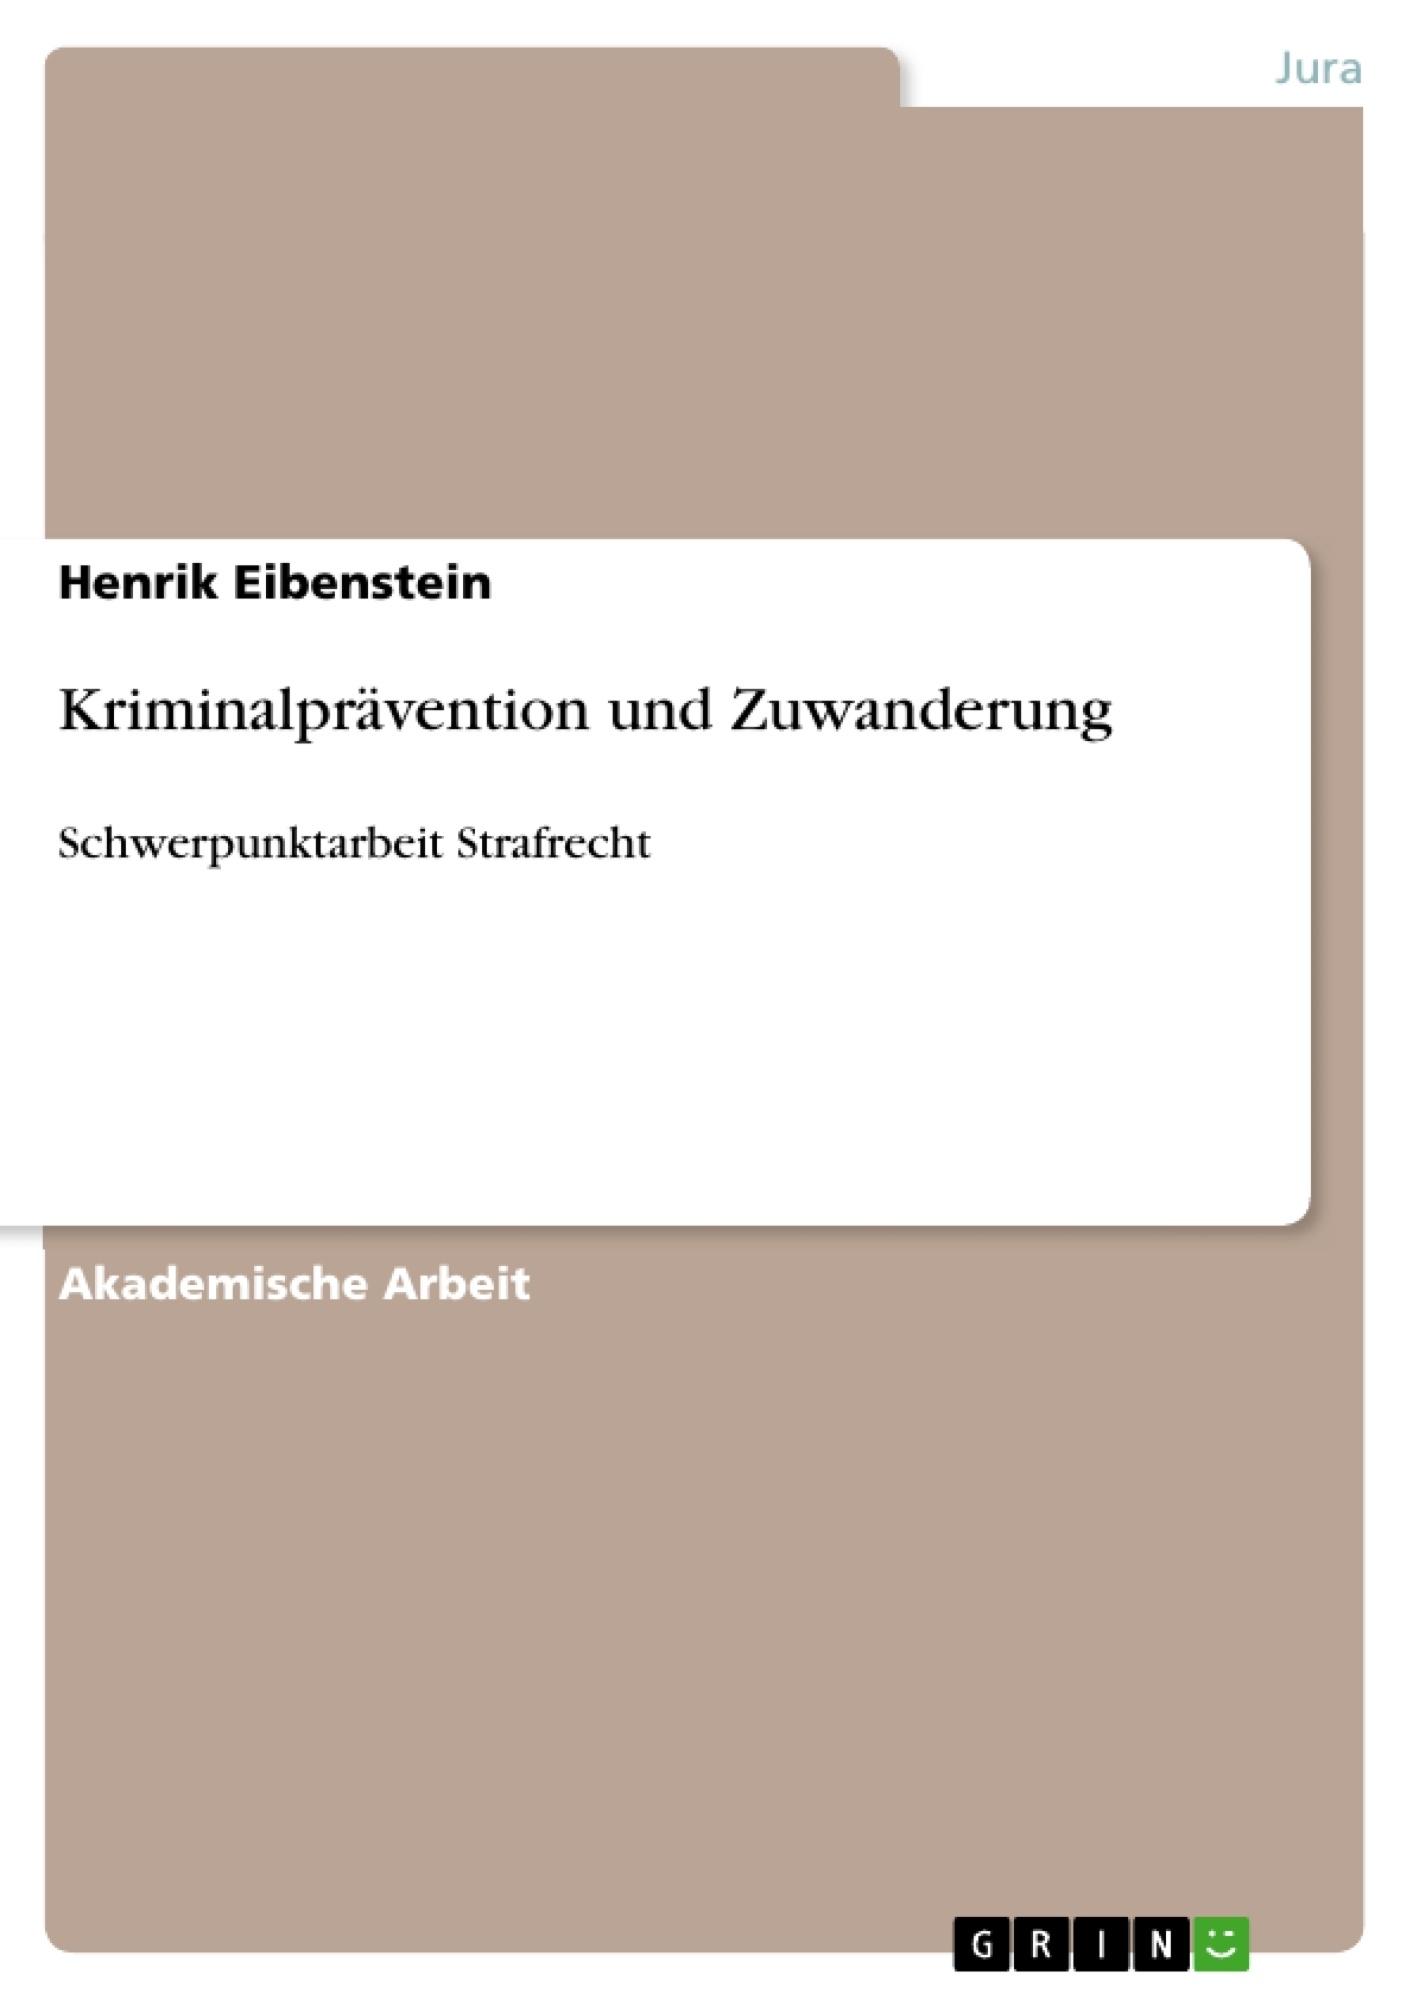 Titel: Kriminalprävention und Zuwanderung